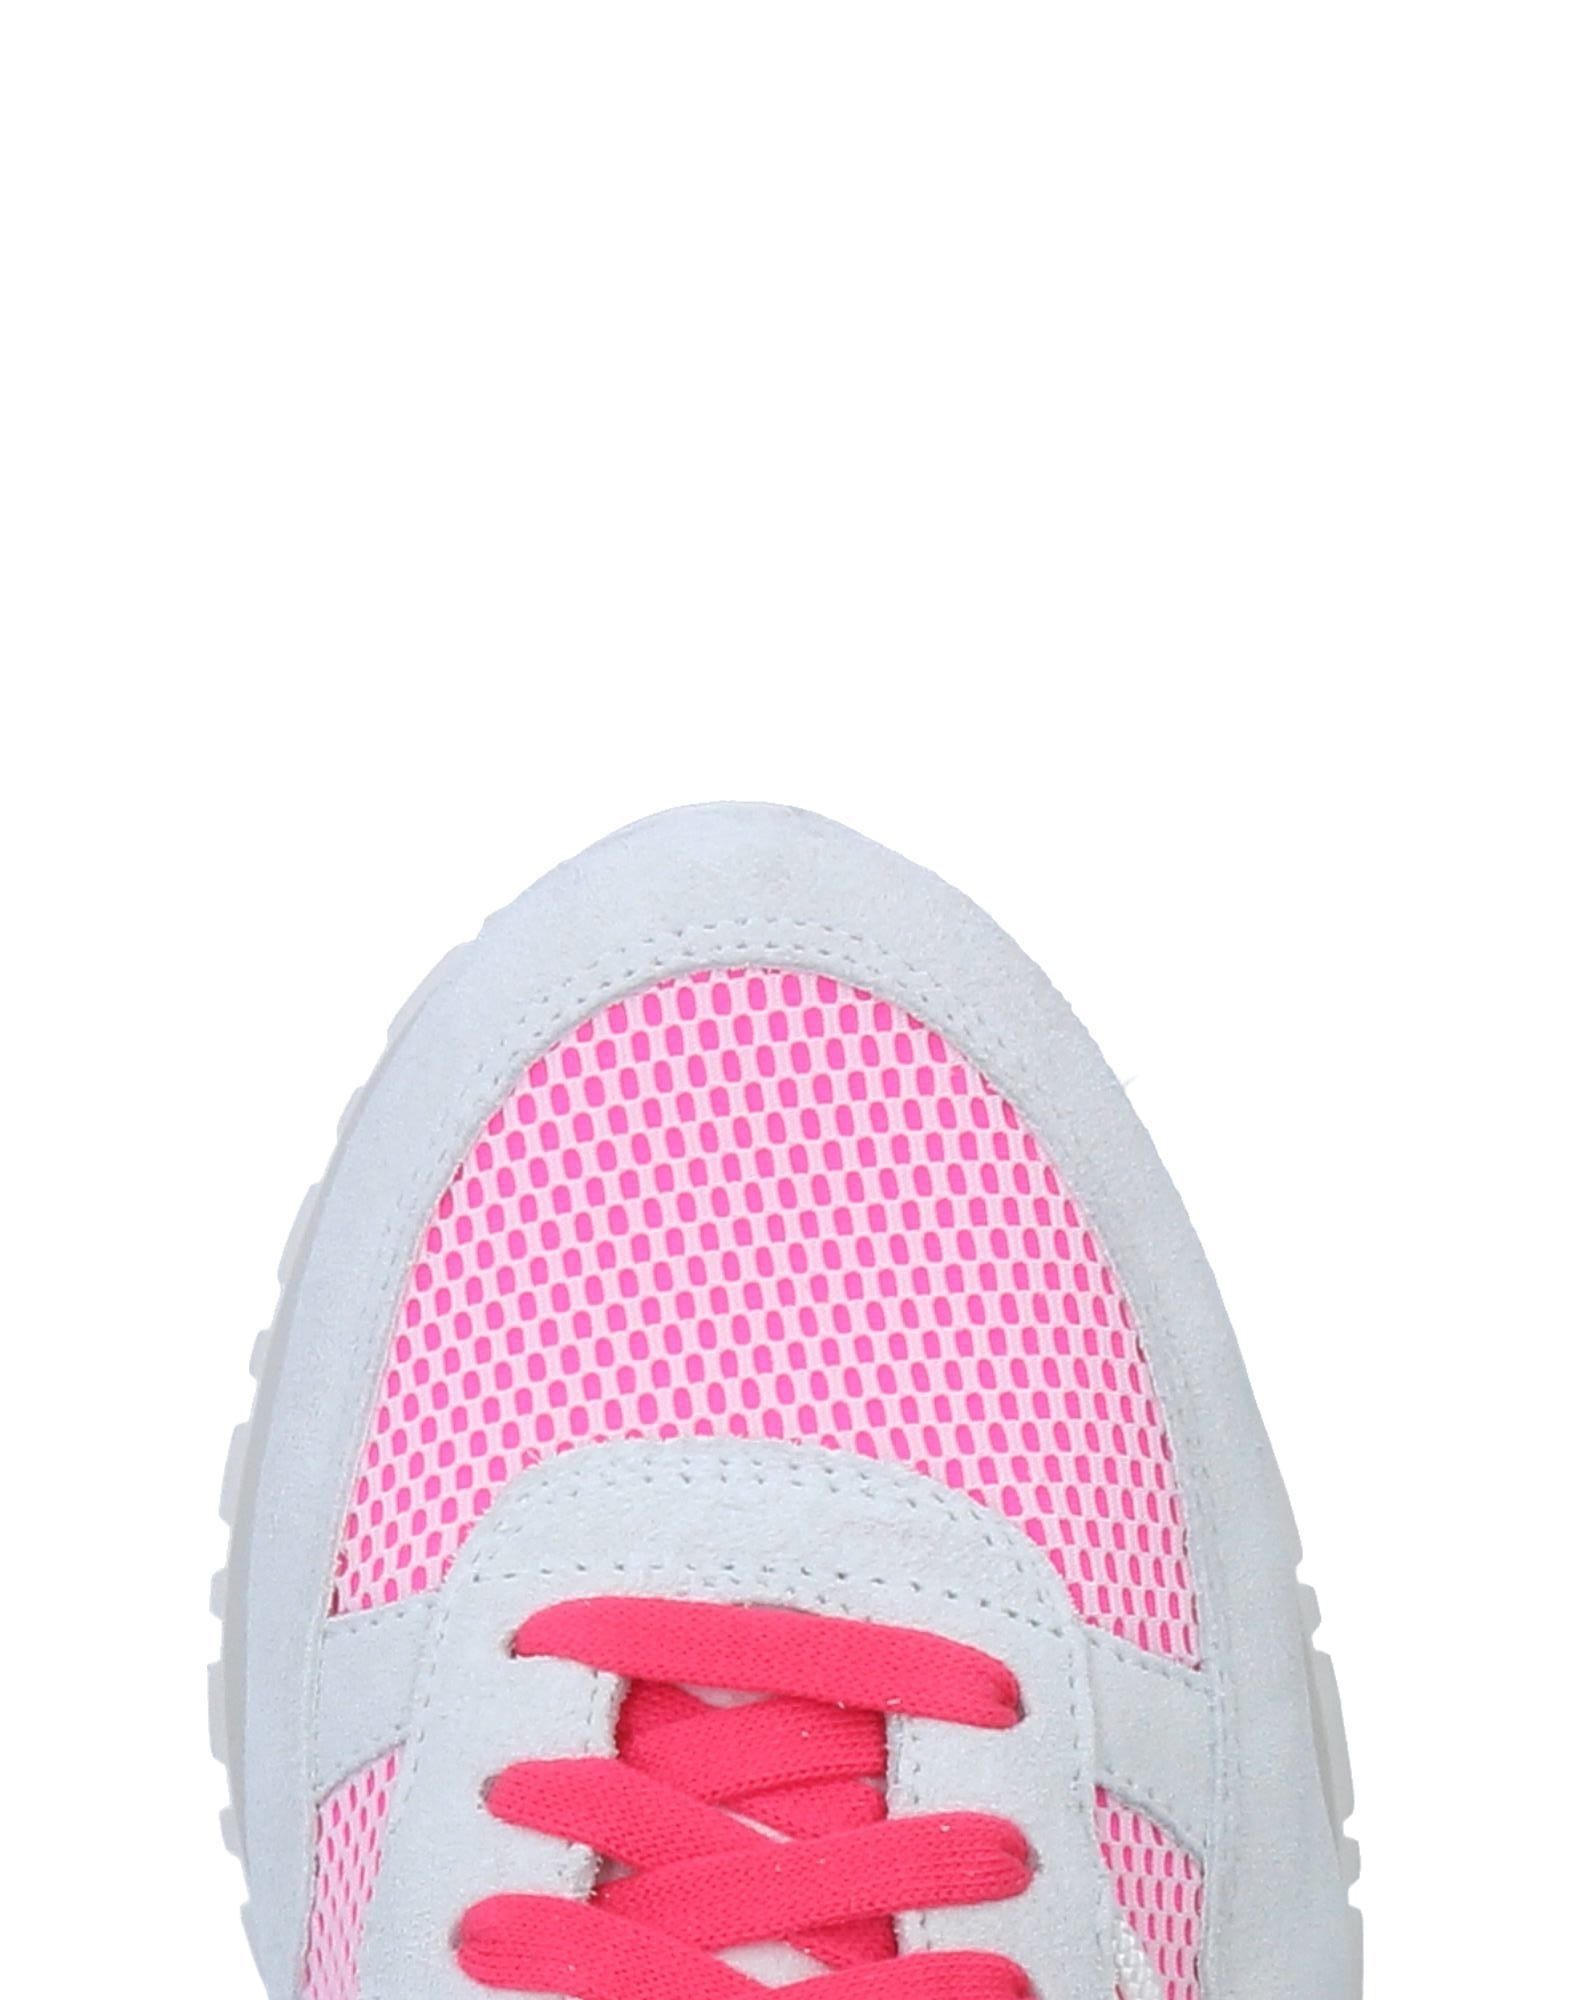 L4k3 Sneakers Damen  11372133QQ Gute Qualität beliebte Schuhe Schuhe Schuhe 73e44a